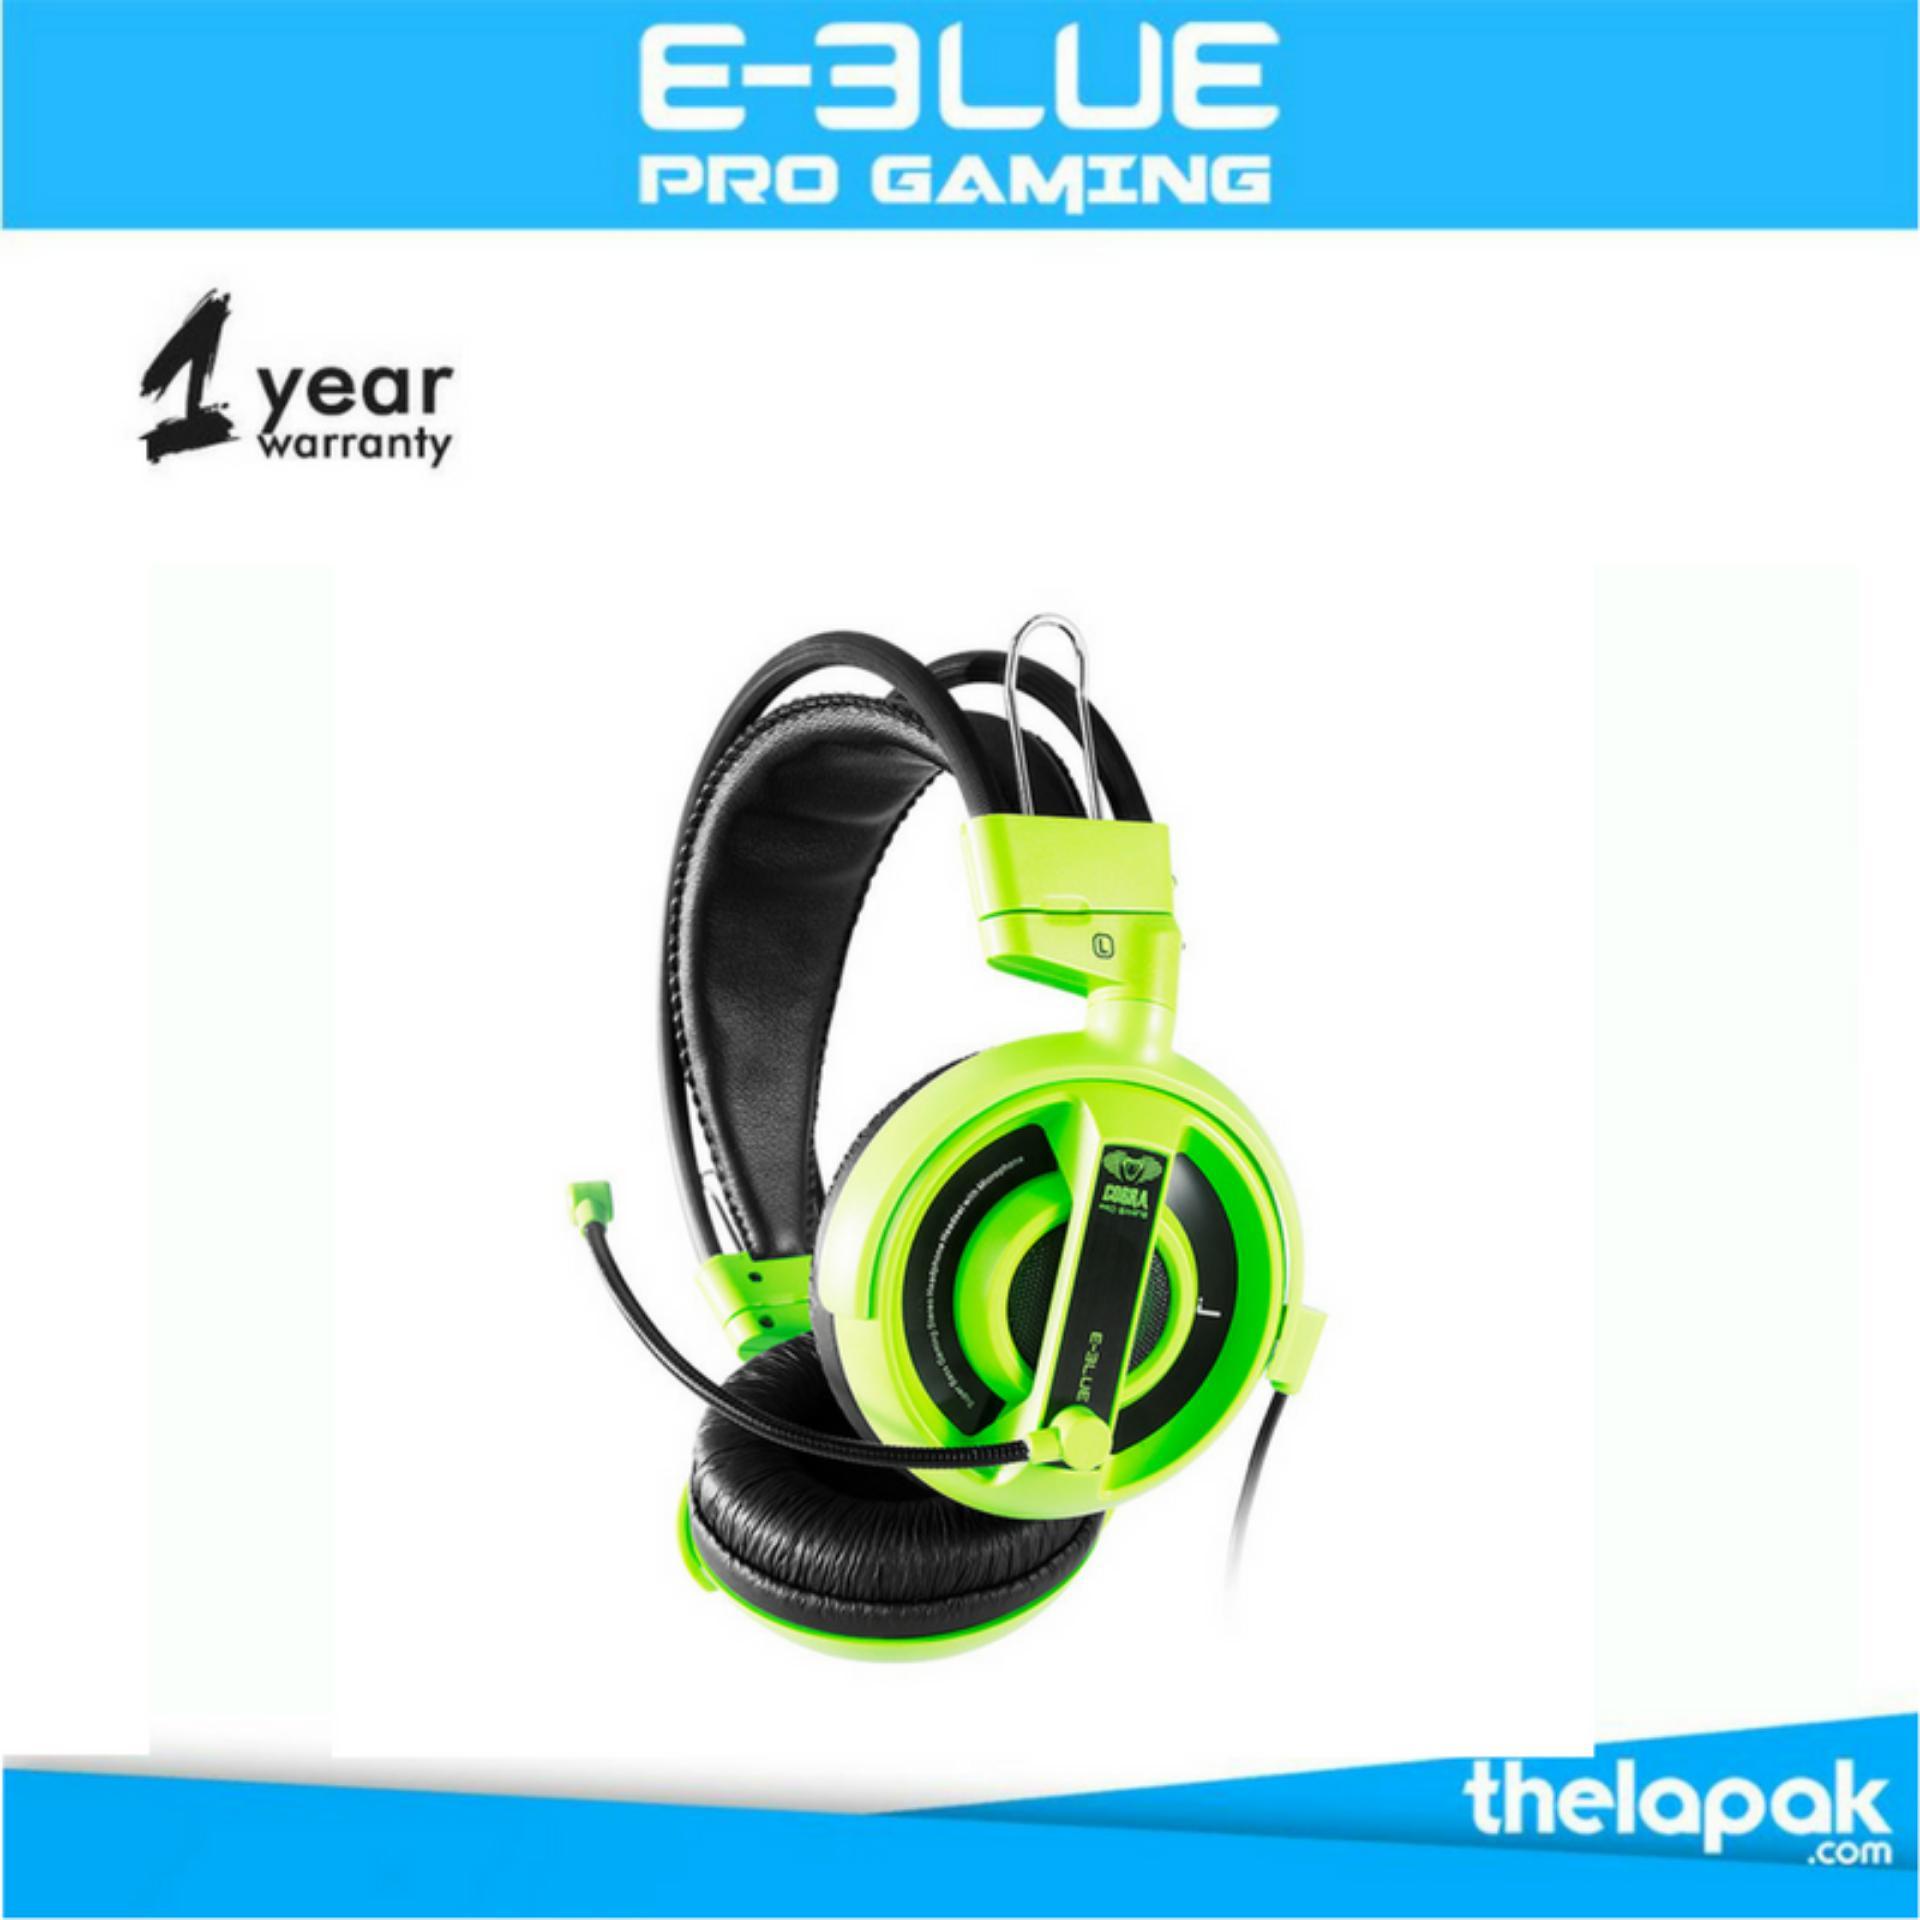 Toko E Blue Cobra Gaming Headset Hijau Termurah Indonesia